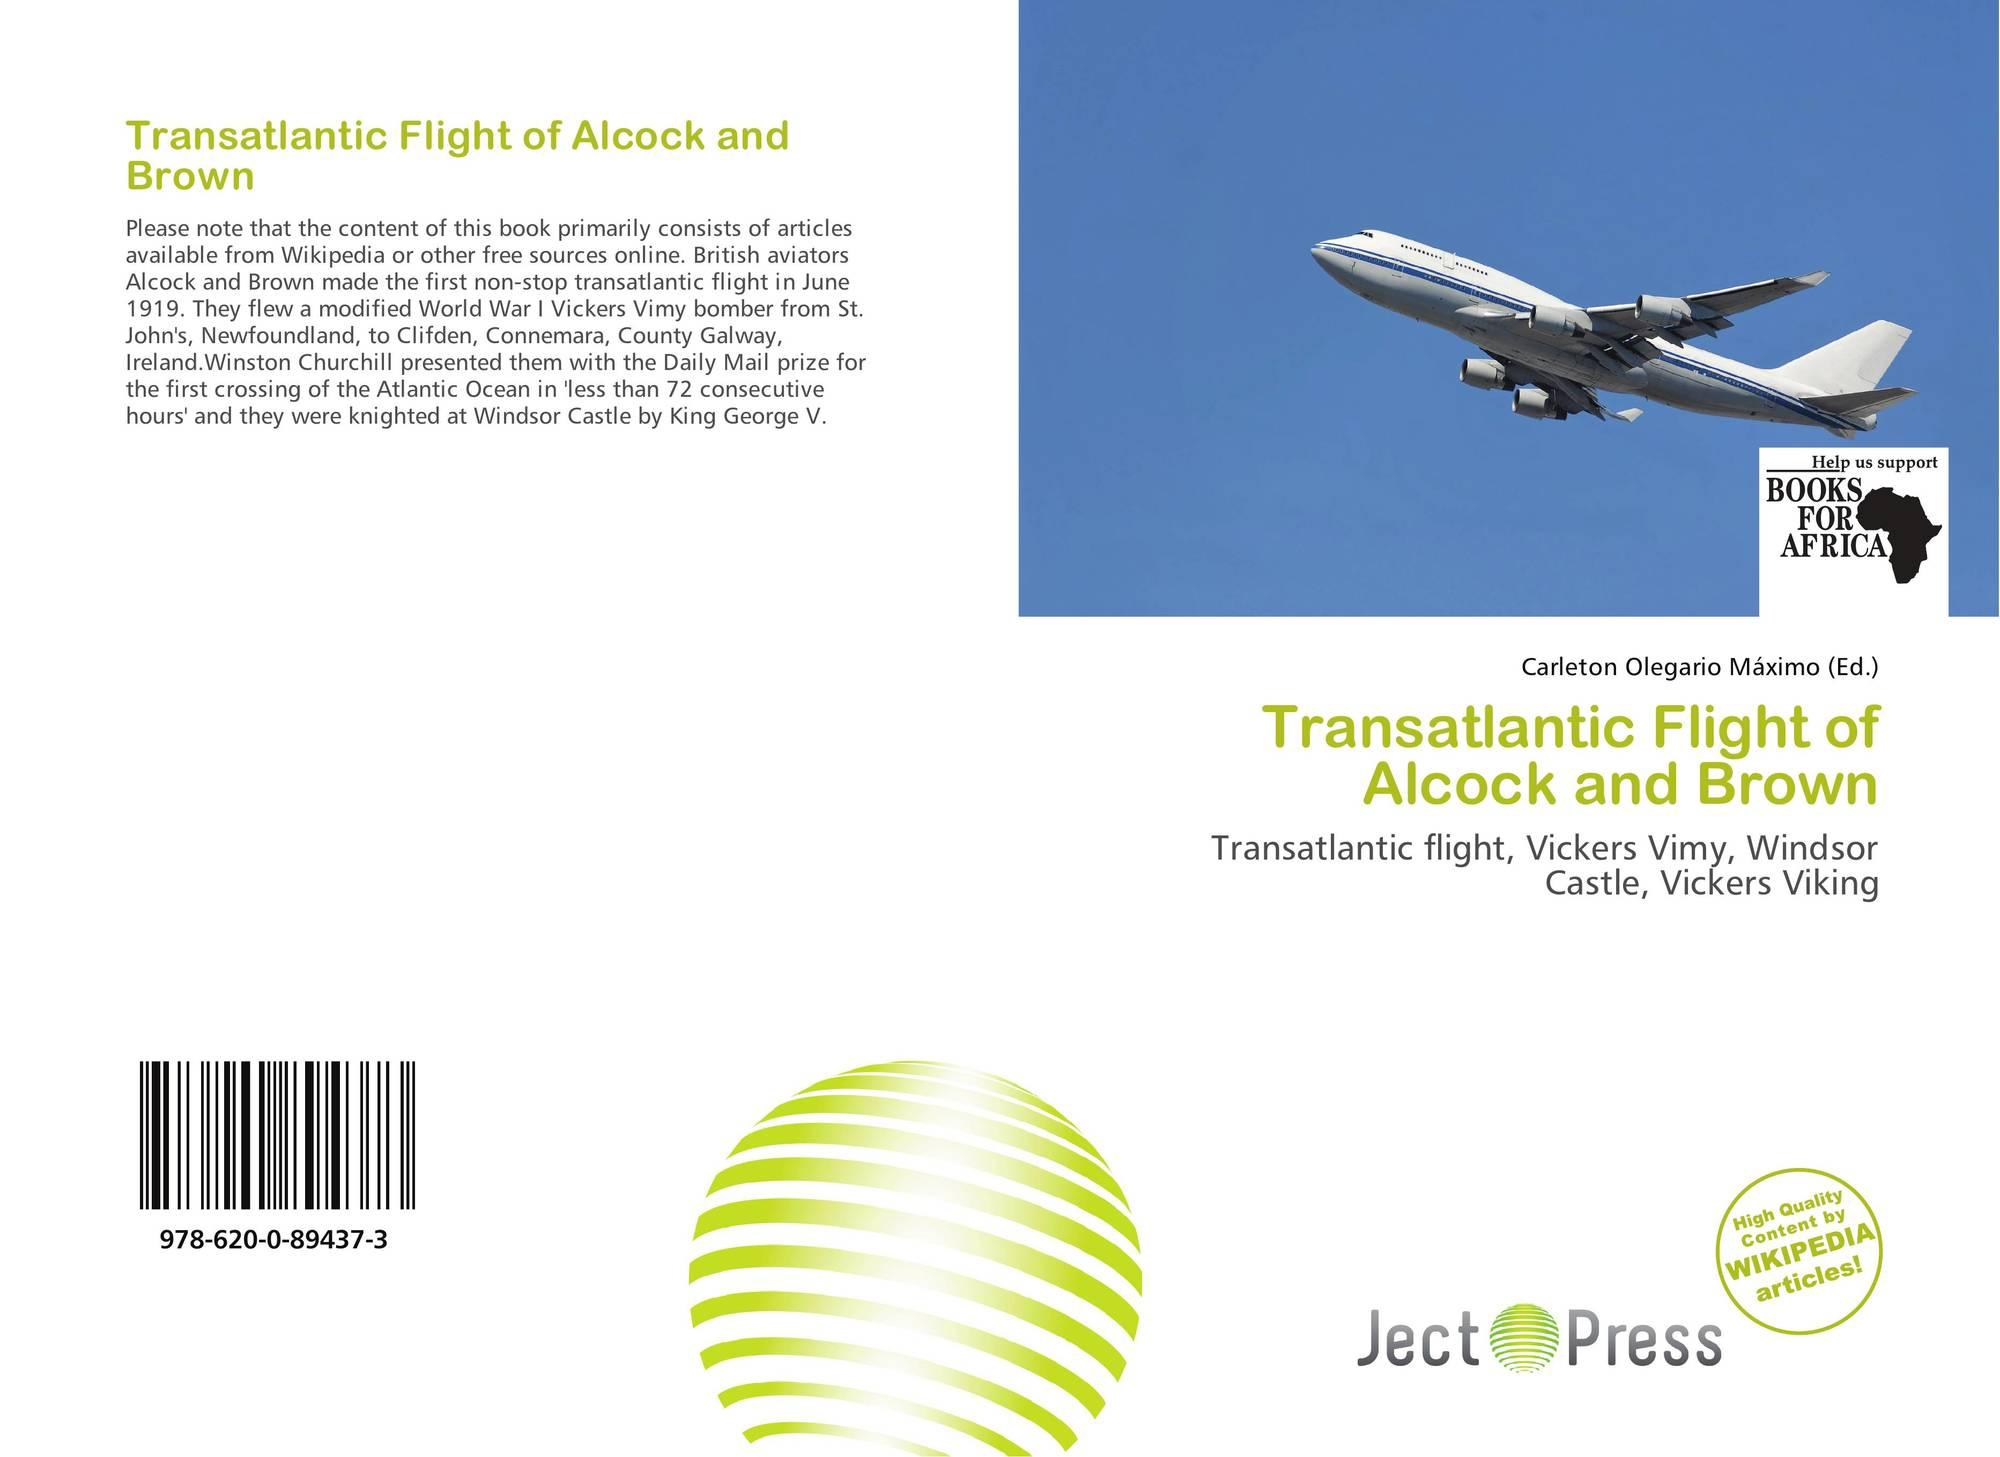 2006 transatlantic aircraft plot